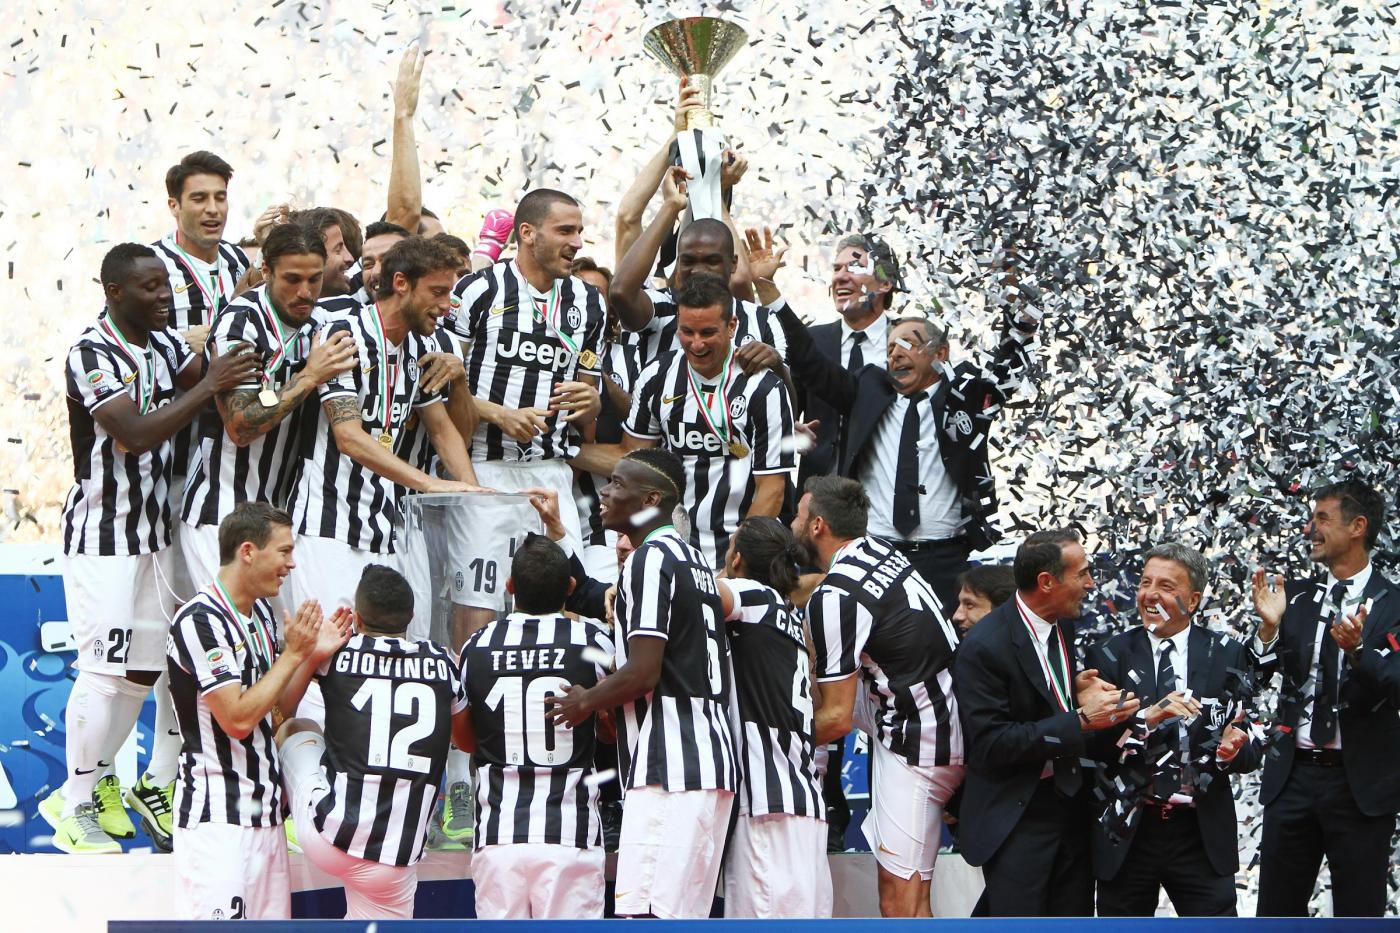 Calendario Juventus Campionato.Calendario Juventus 2014 2015 Tutte Le Partite Di